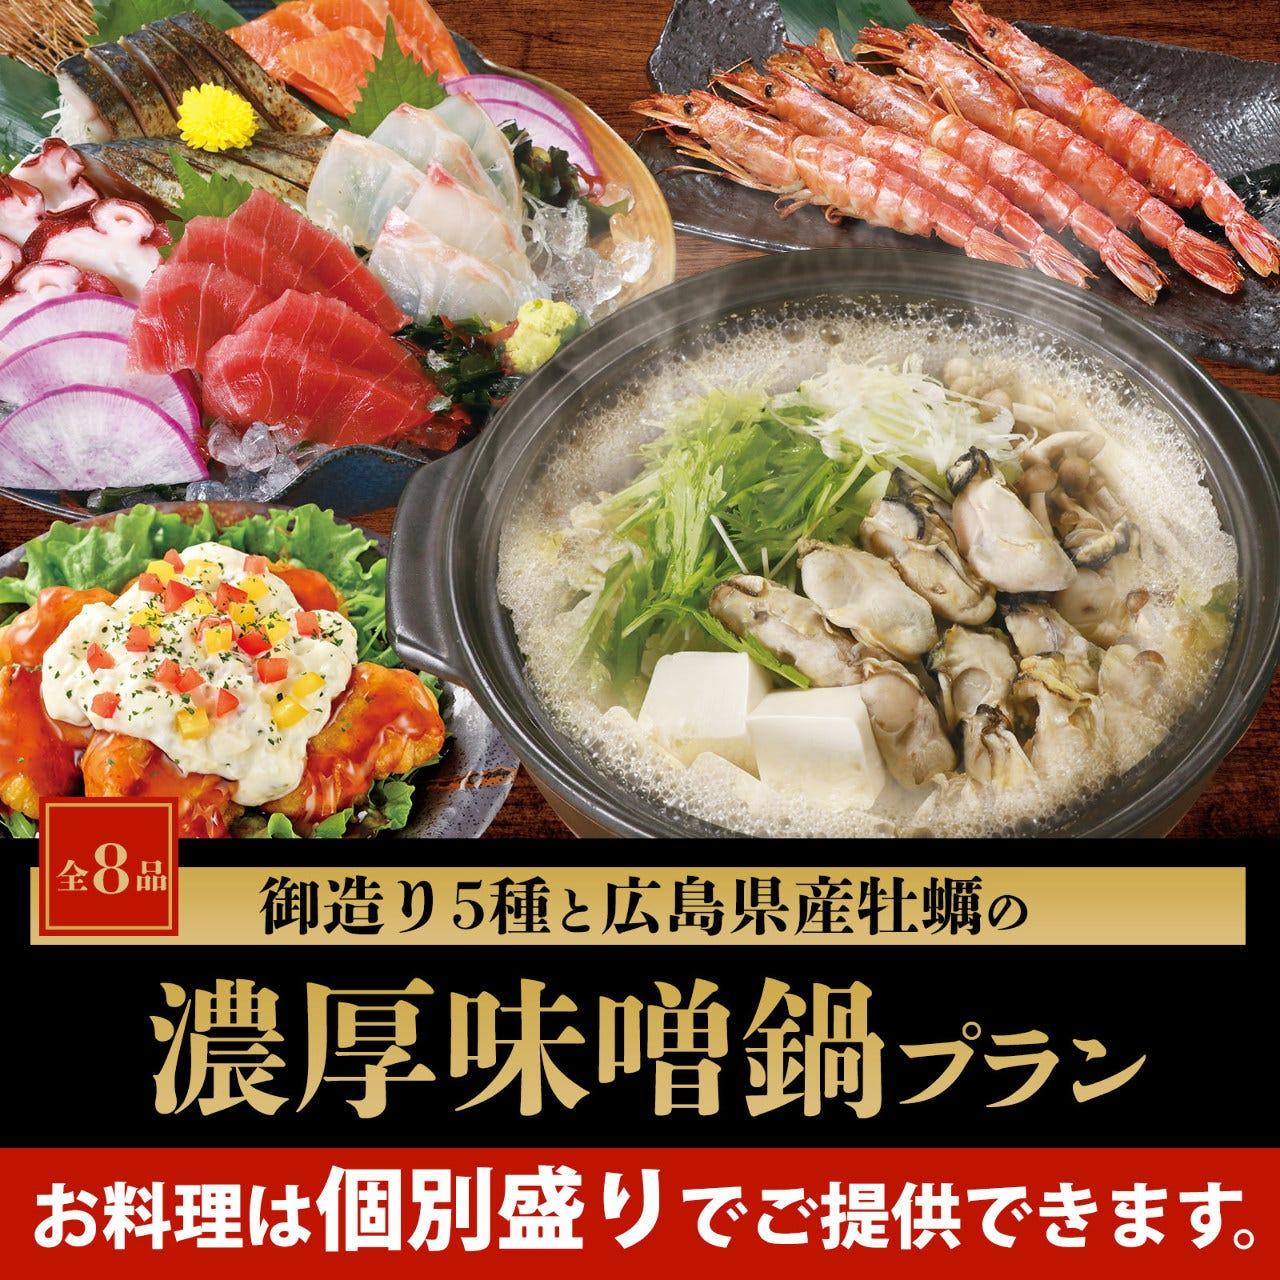 《御造り五種と広島県産牡蠣の濃厚味噌鍋プラン》【8品】